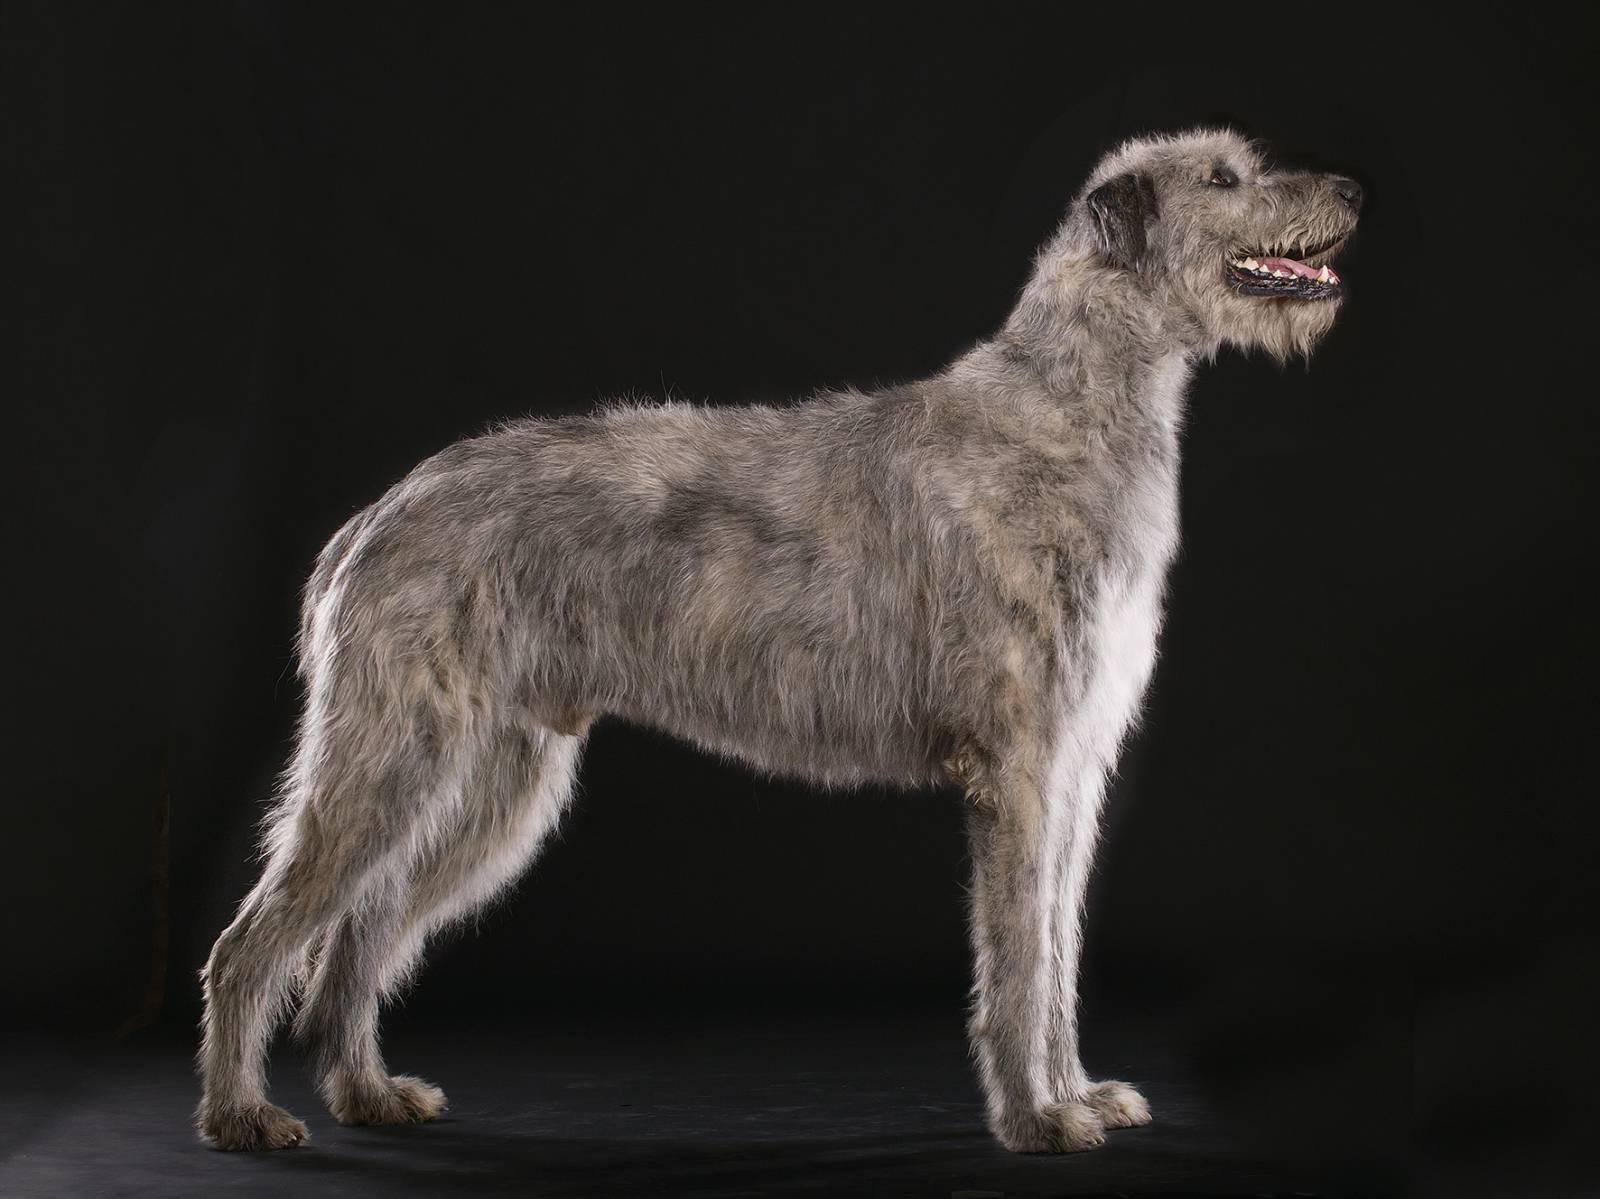 Ирландский волкодав: величественный исполин с трепетной душой